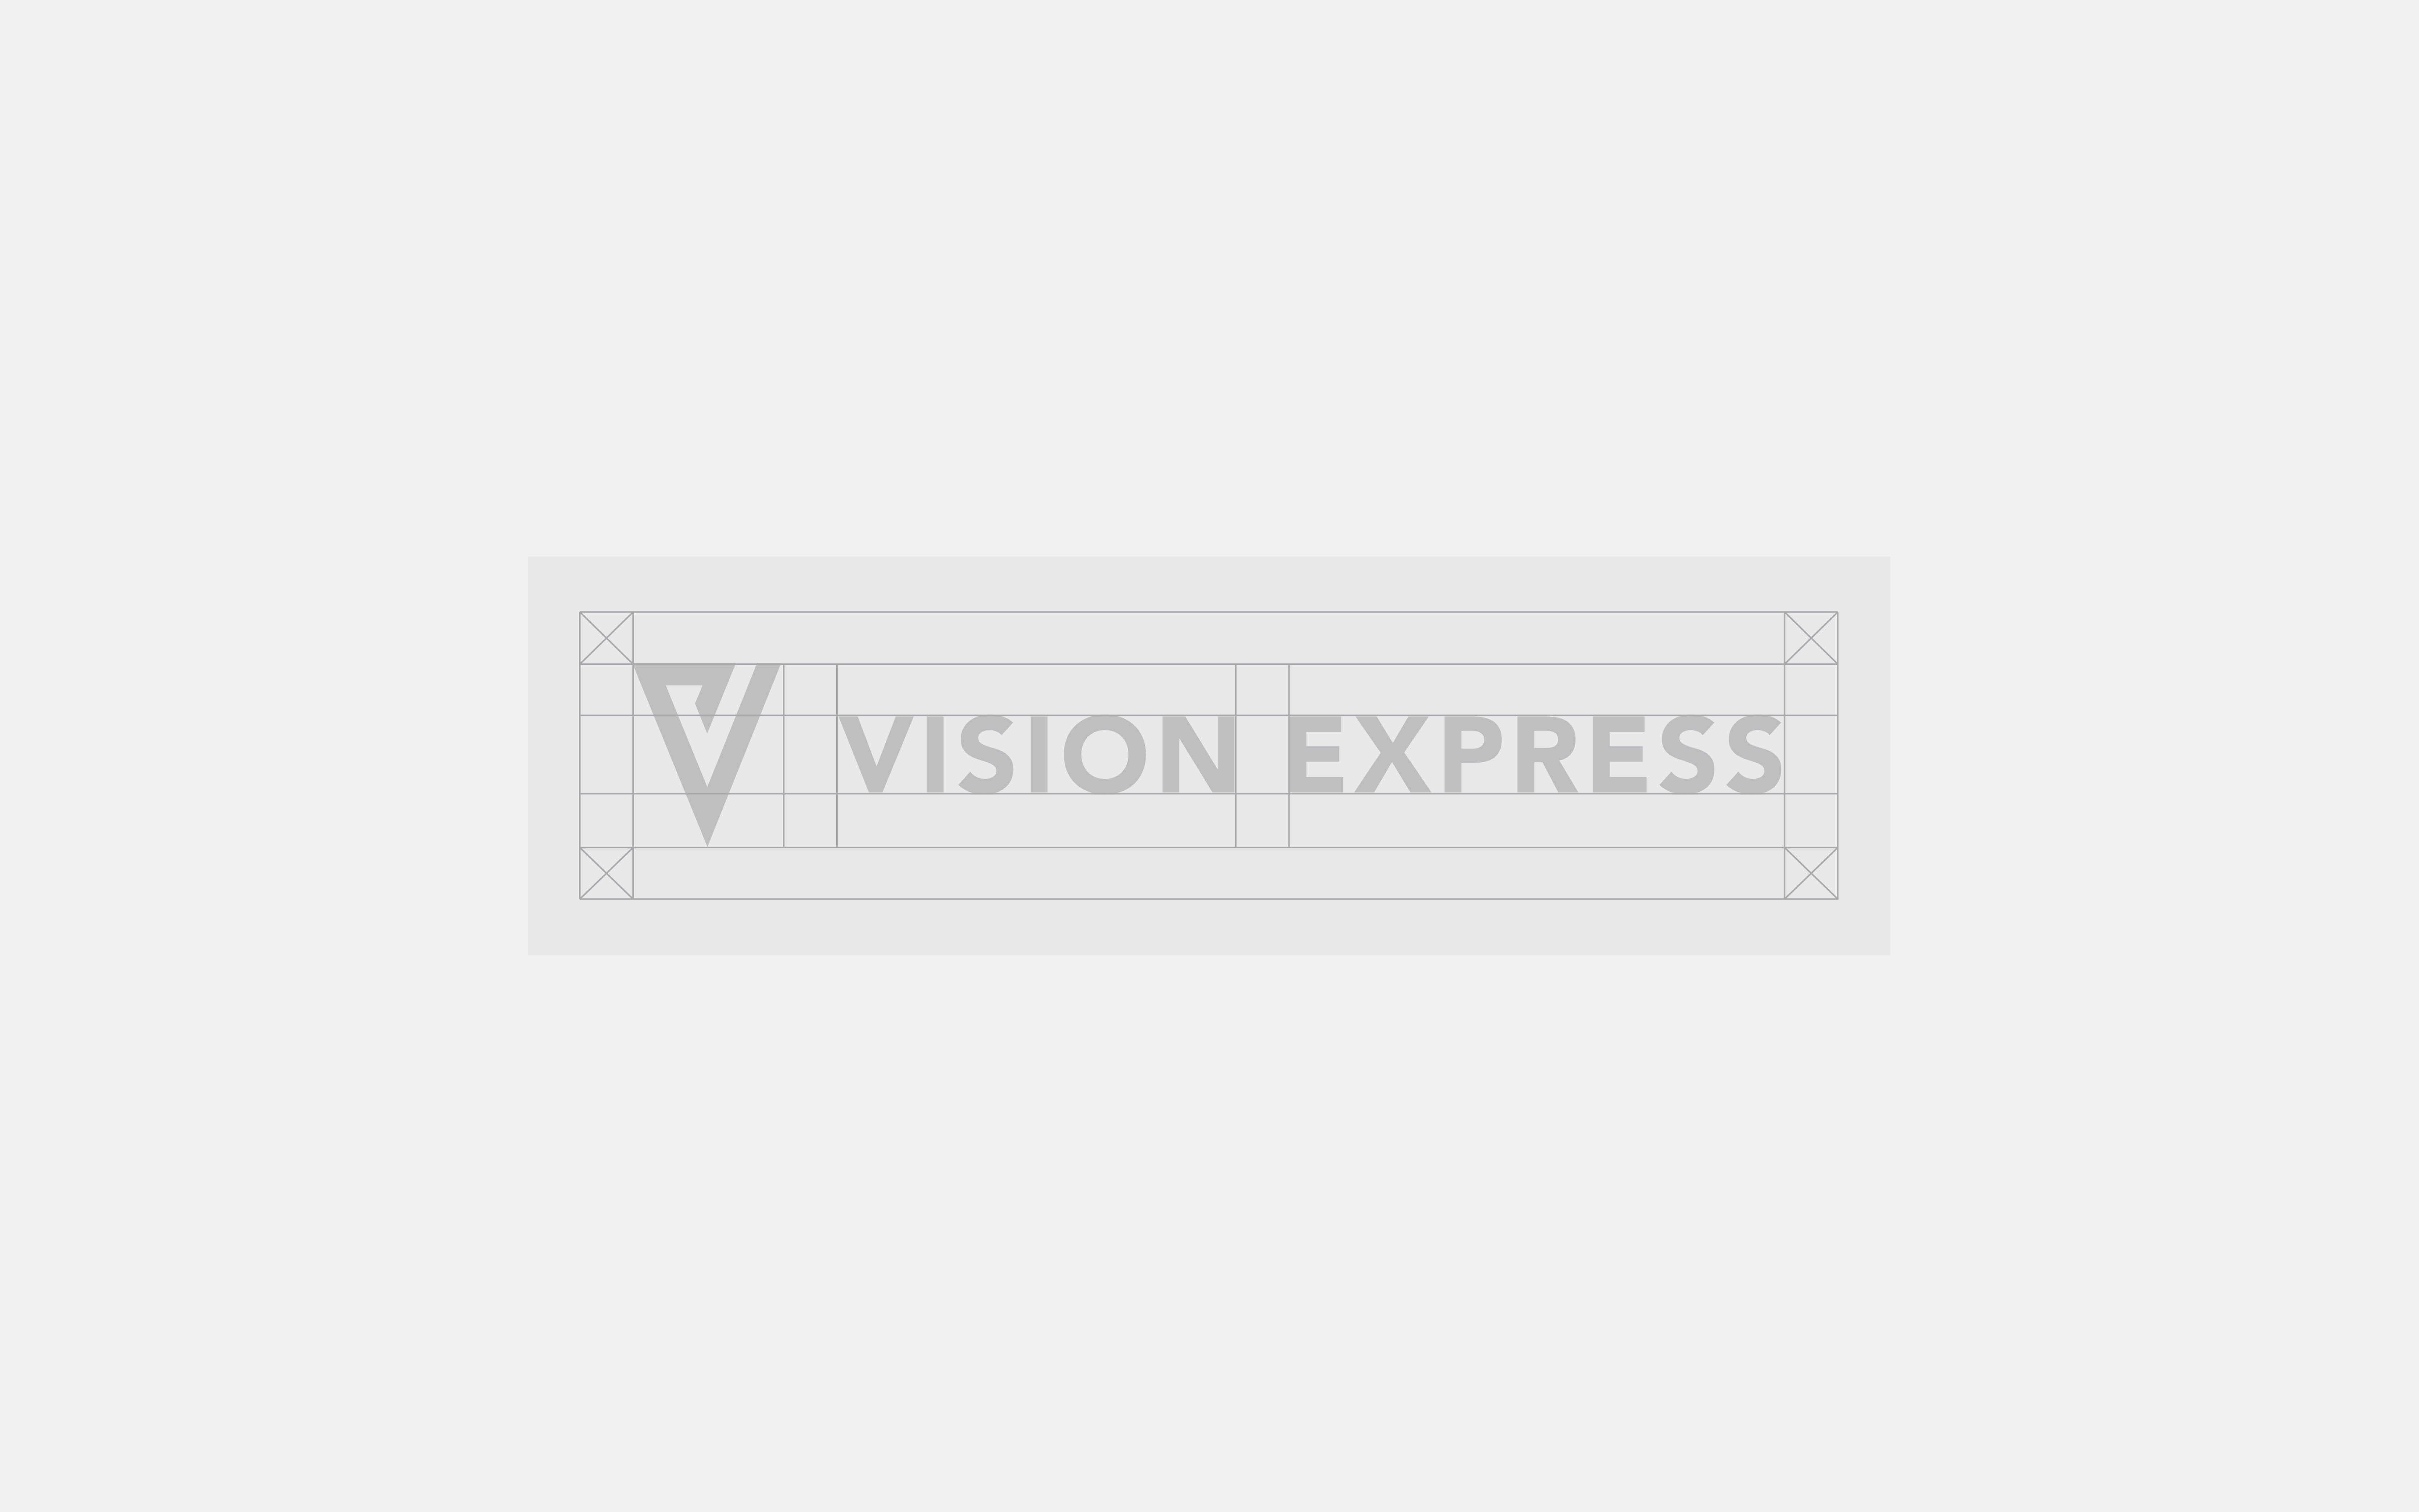 Vision Express3